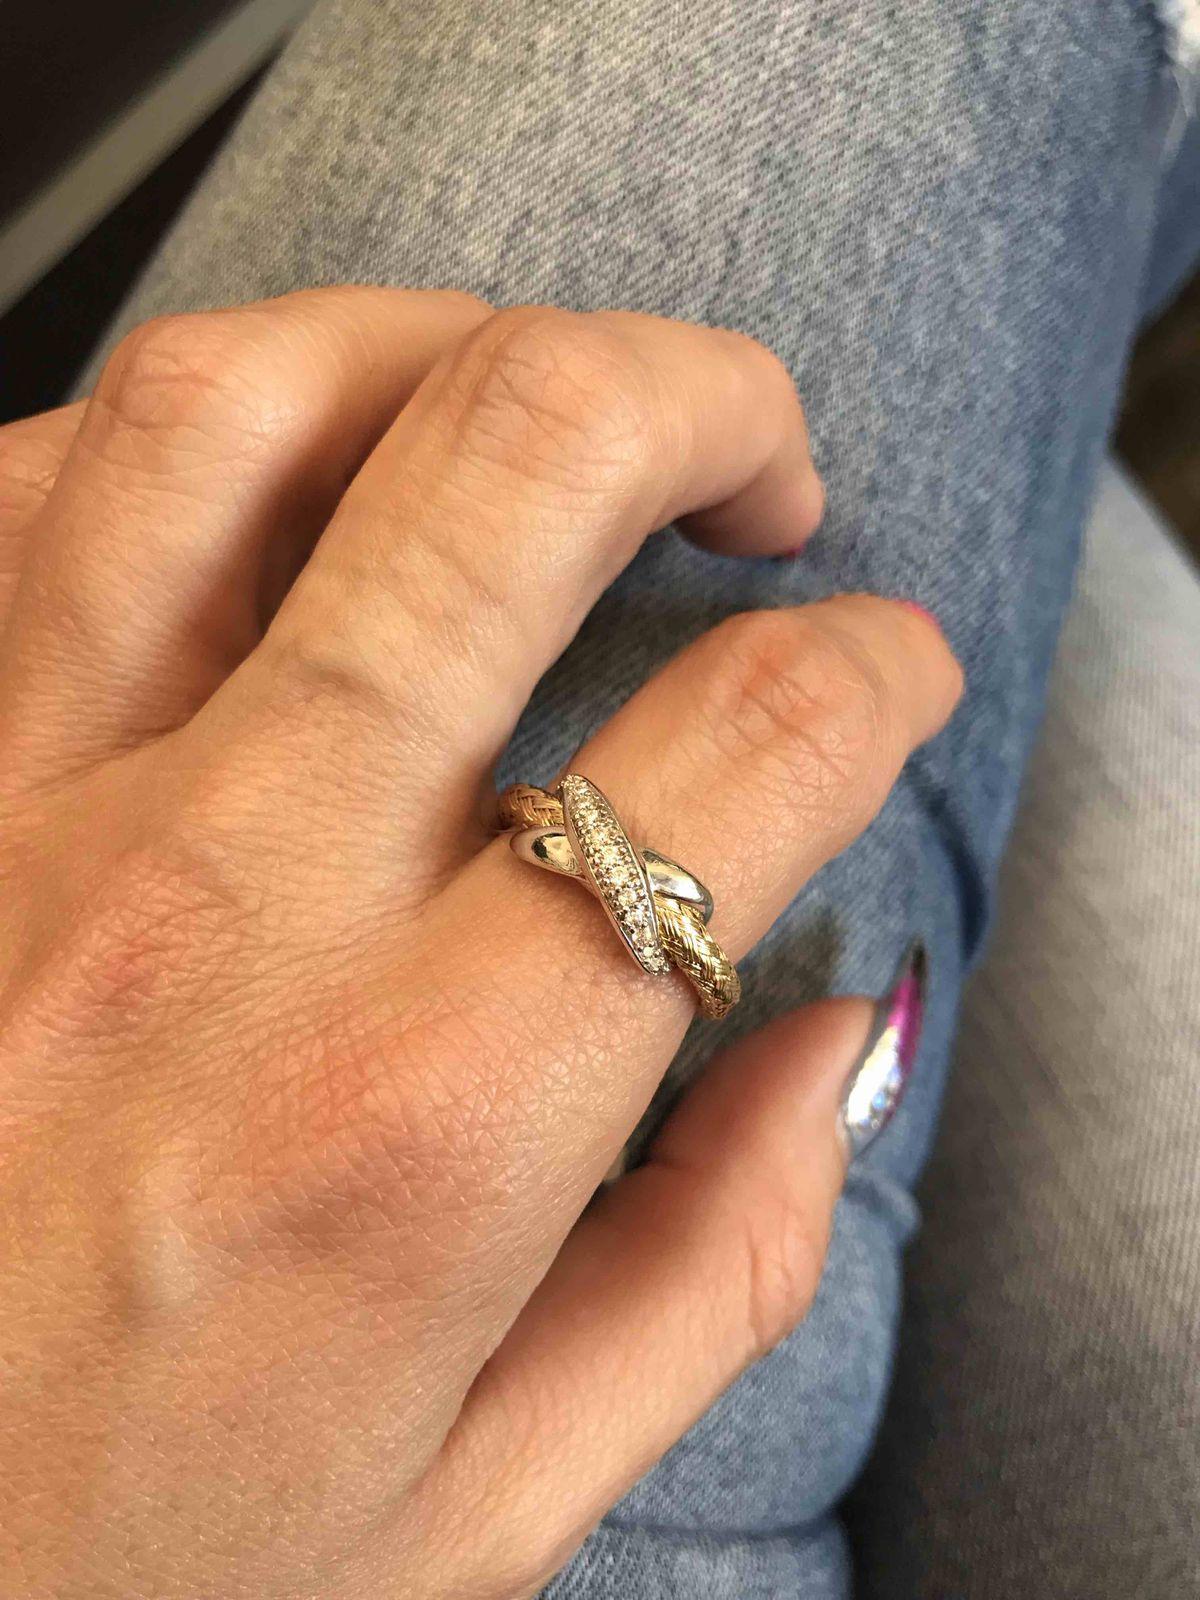 Купила кольцо с большой скидкой! Оно шикарное, очень дорого смотрится. 👍👍